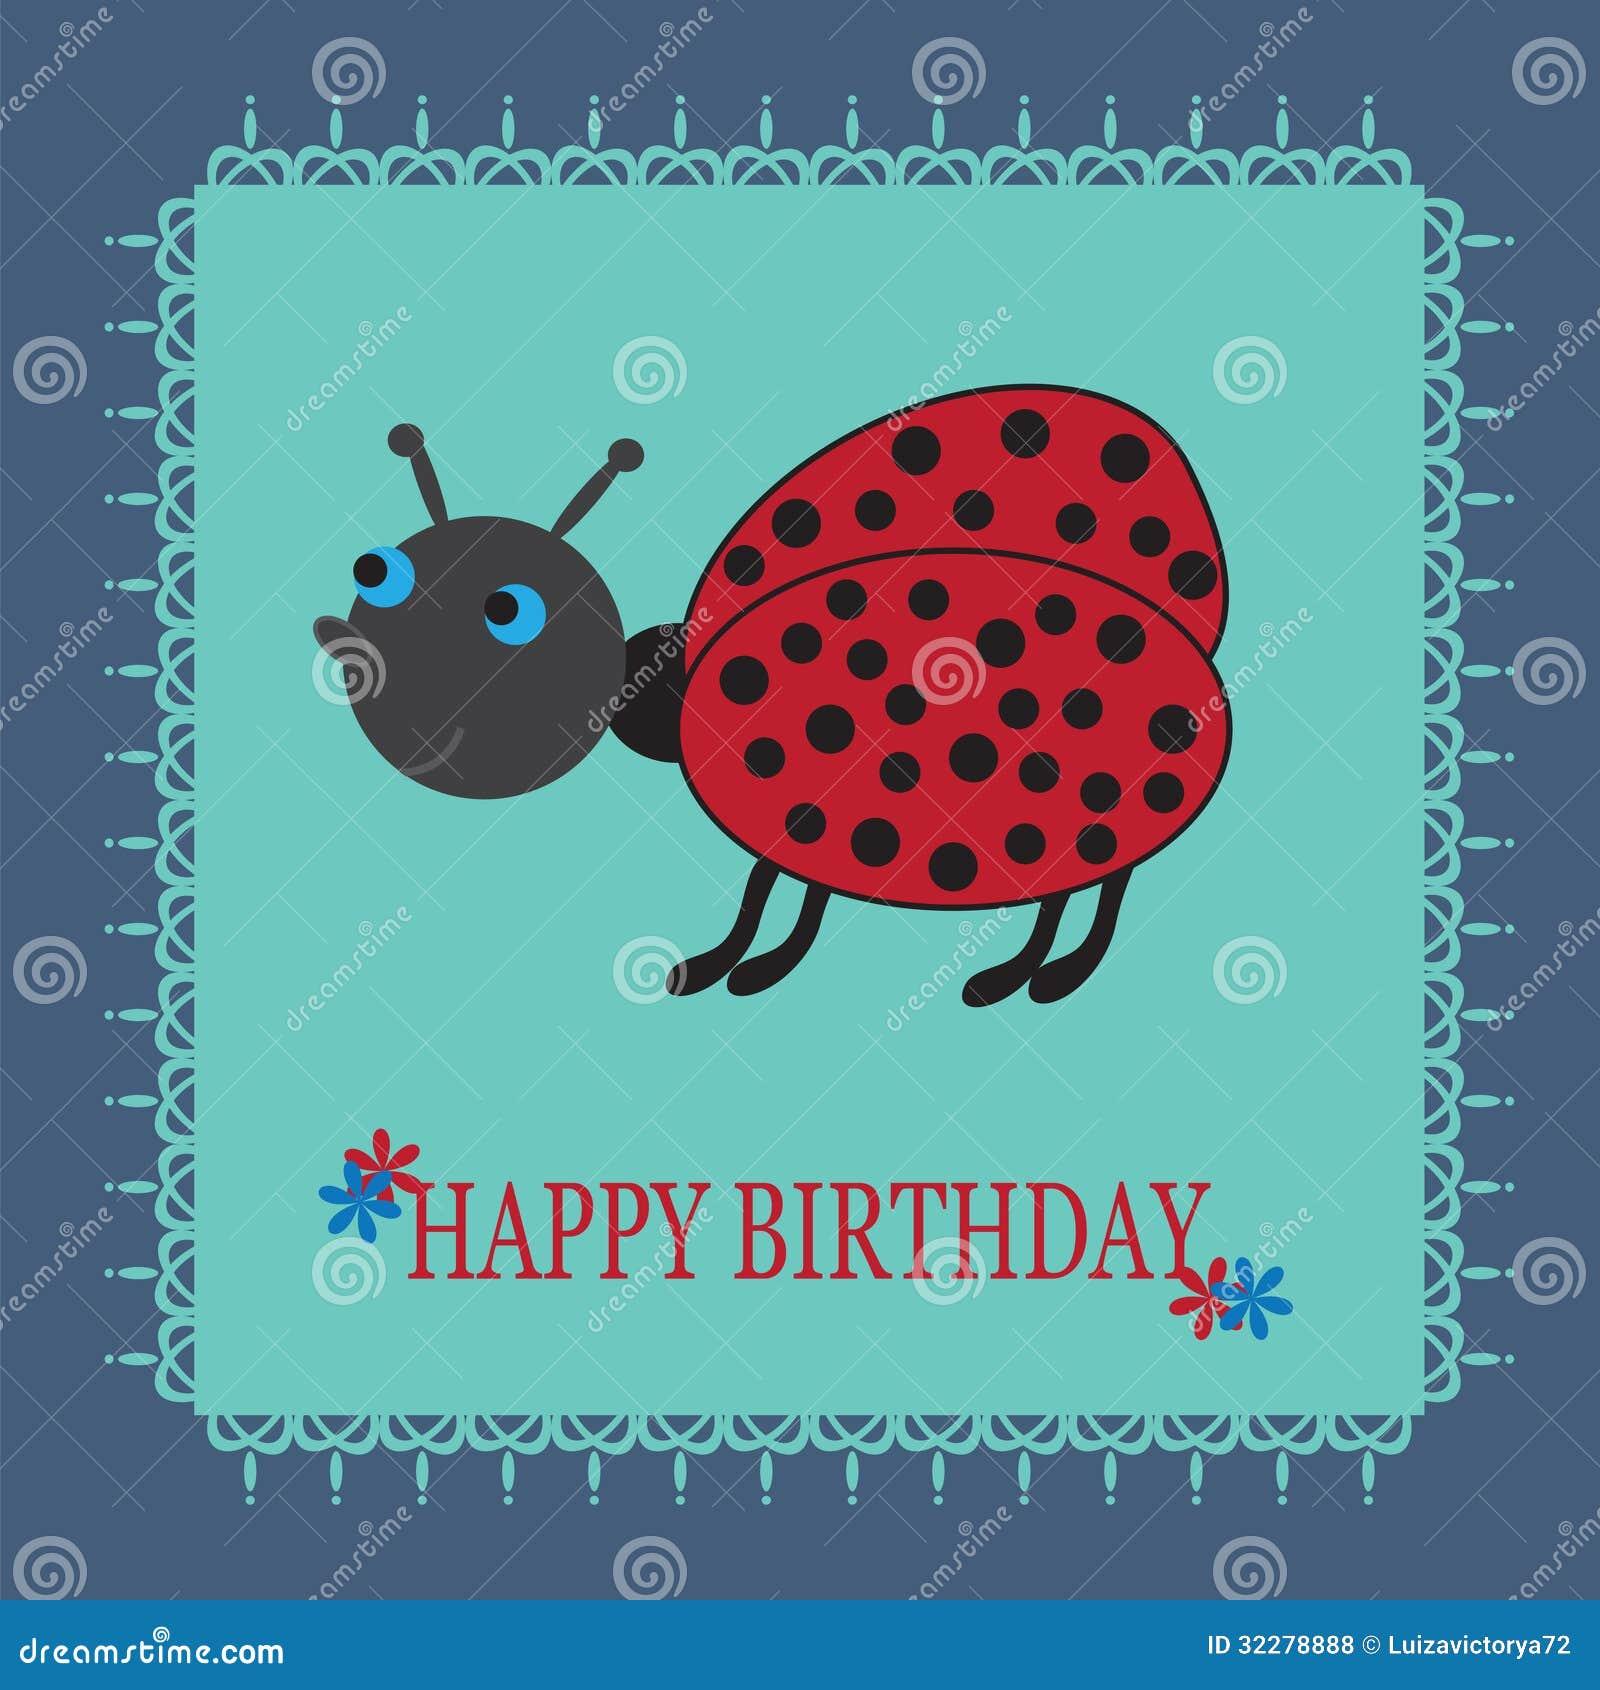 Картинки серега, с днем рождения открытка с божьей коровкой